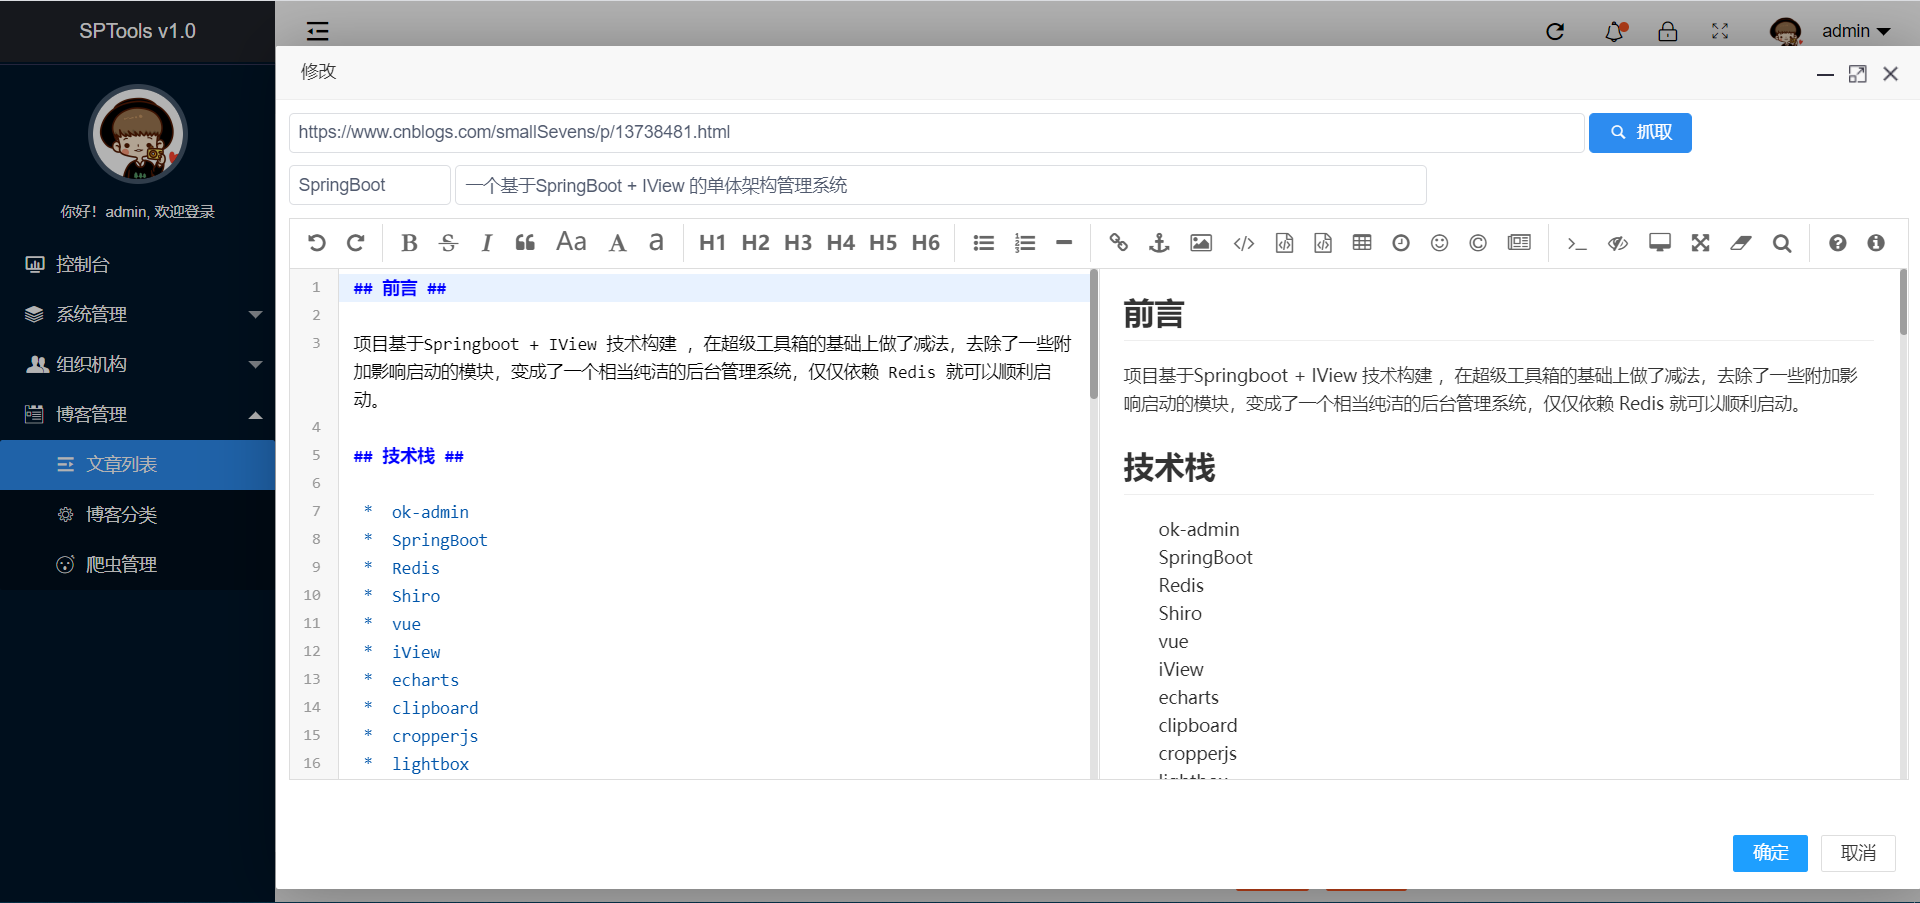 SPTools 2.4 版本发布,新增博客管理模块